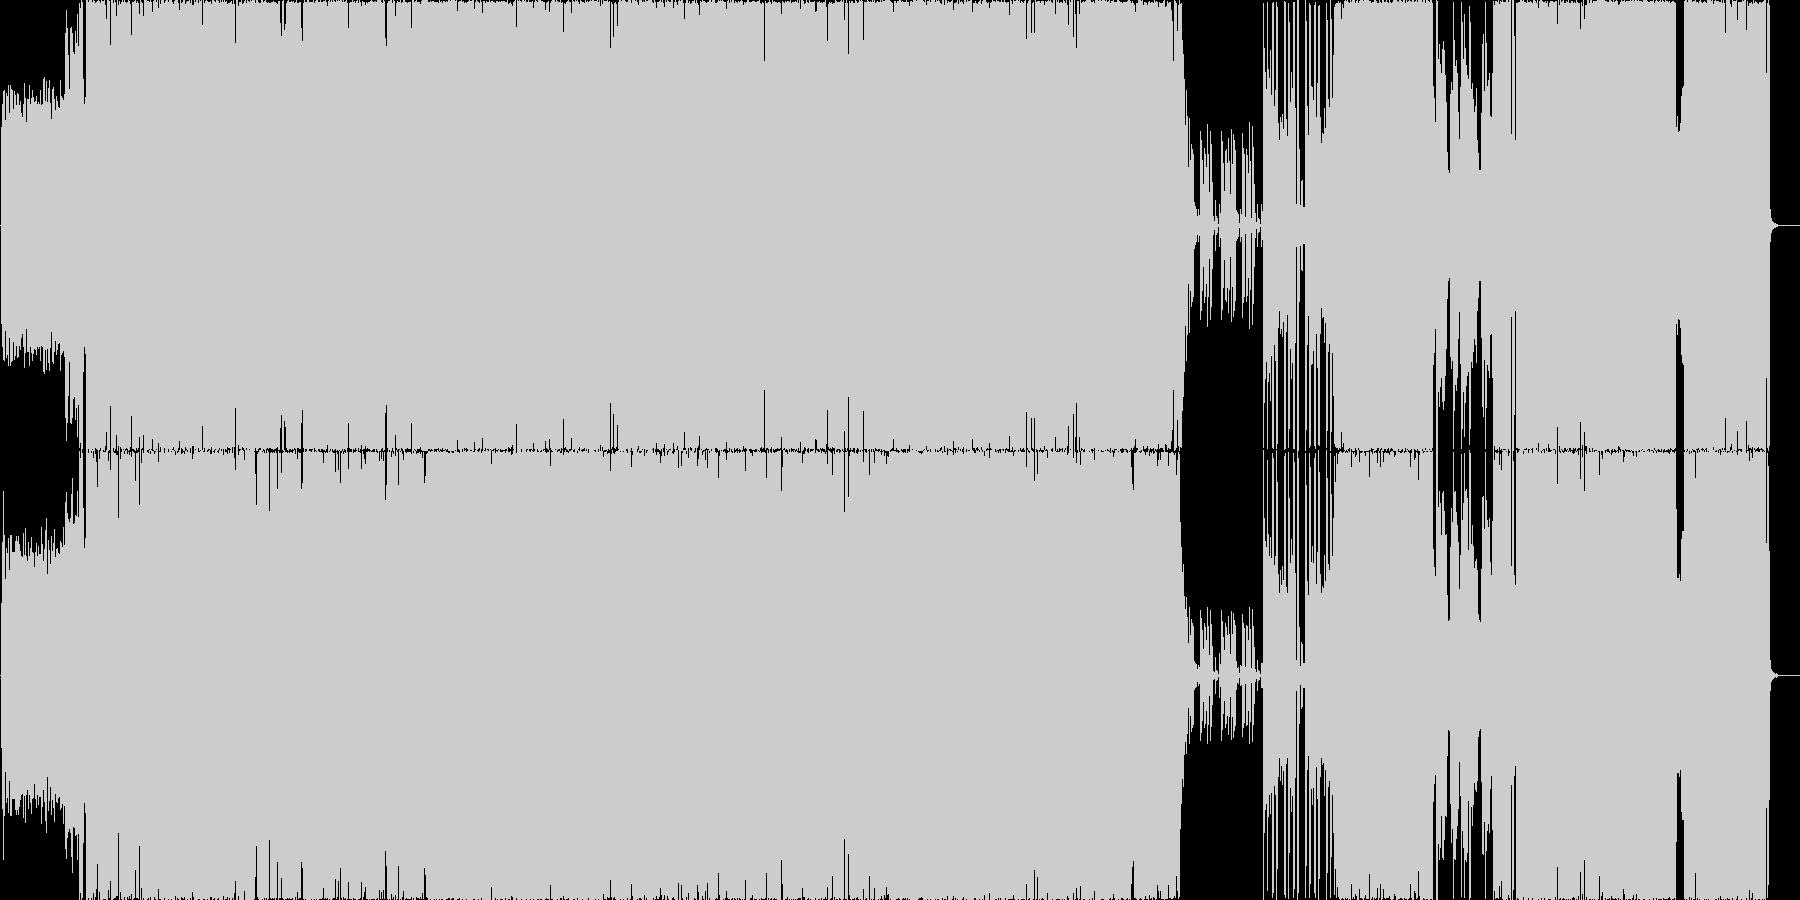 重厚ヘビーRock01 生演奏の未再生の波形